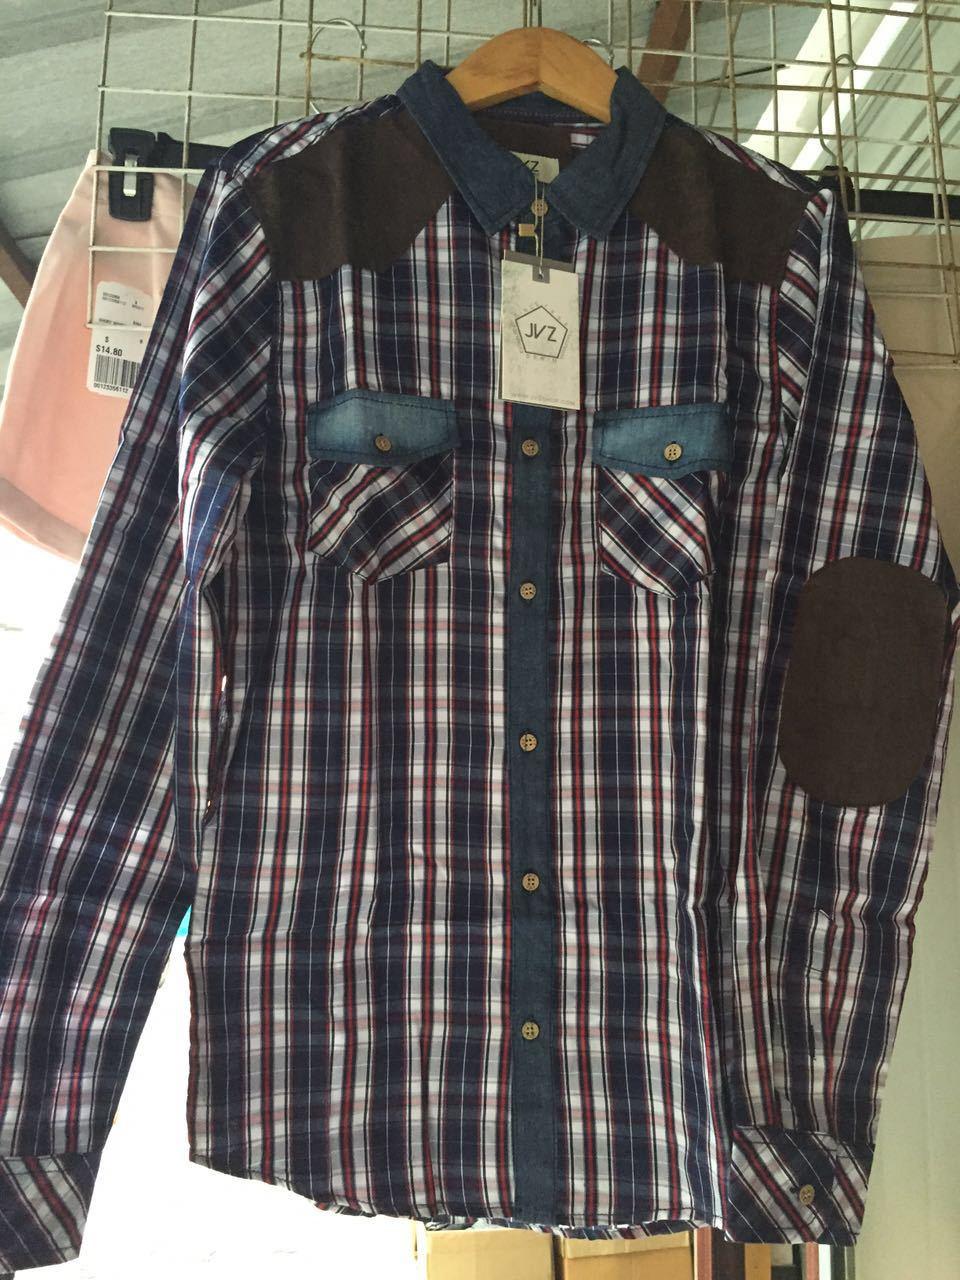 Compra mejores camisas de vestir para hombres online al